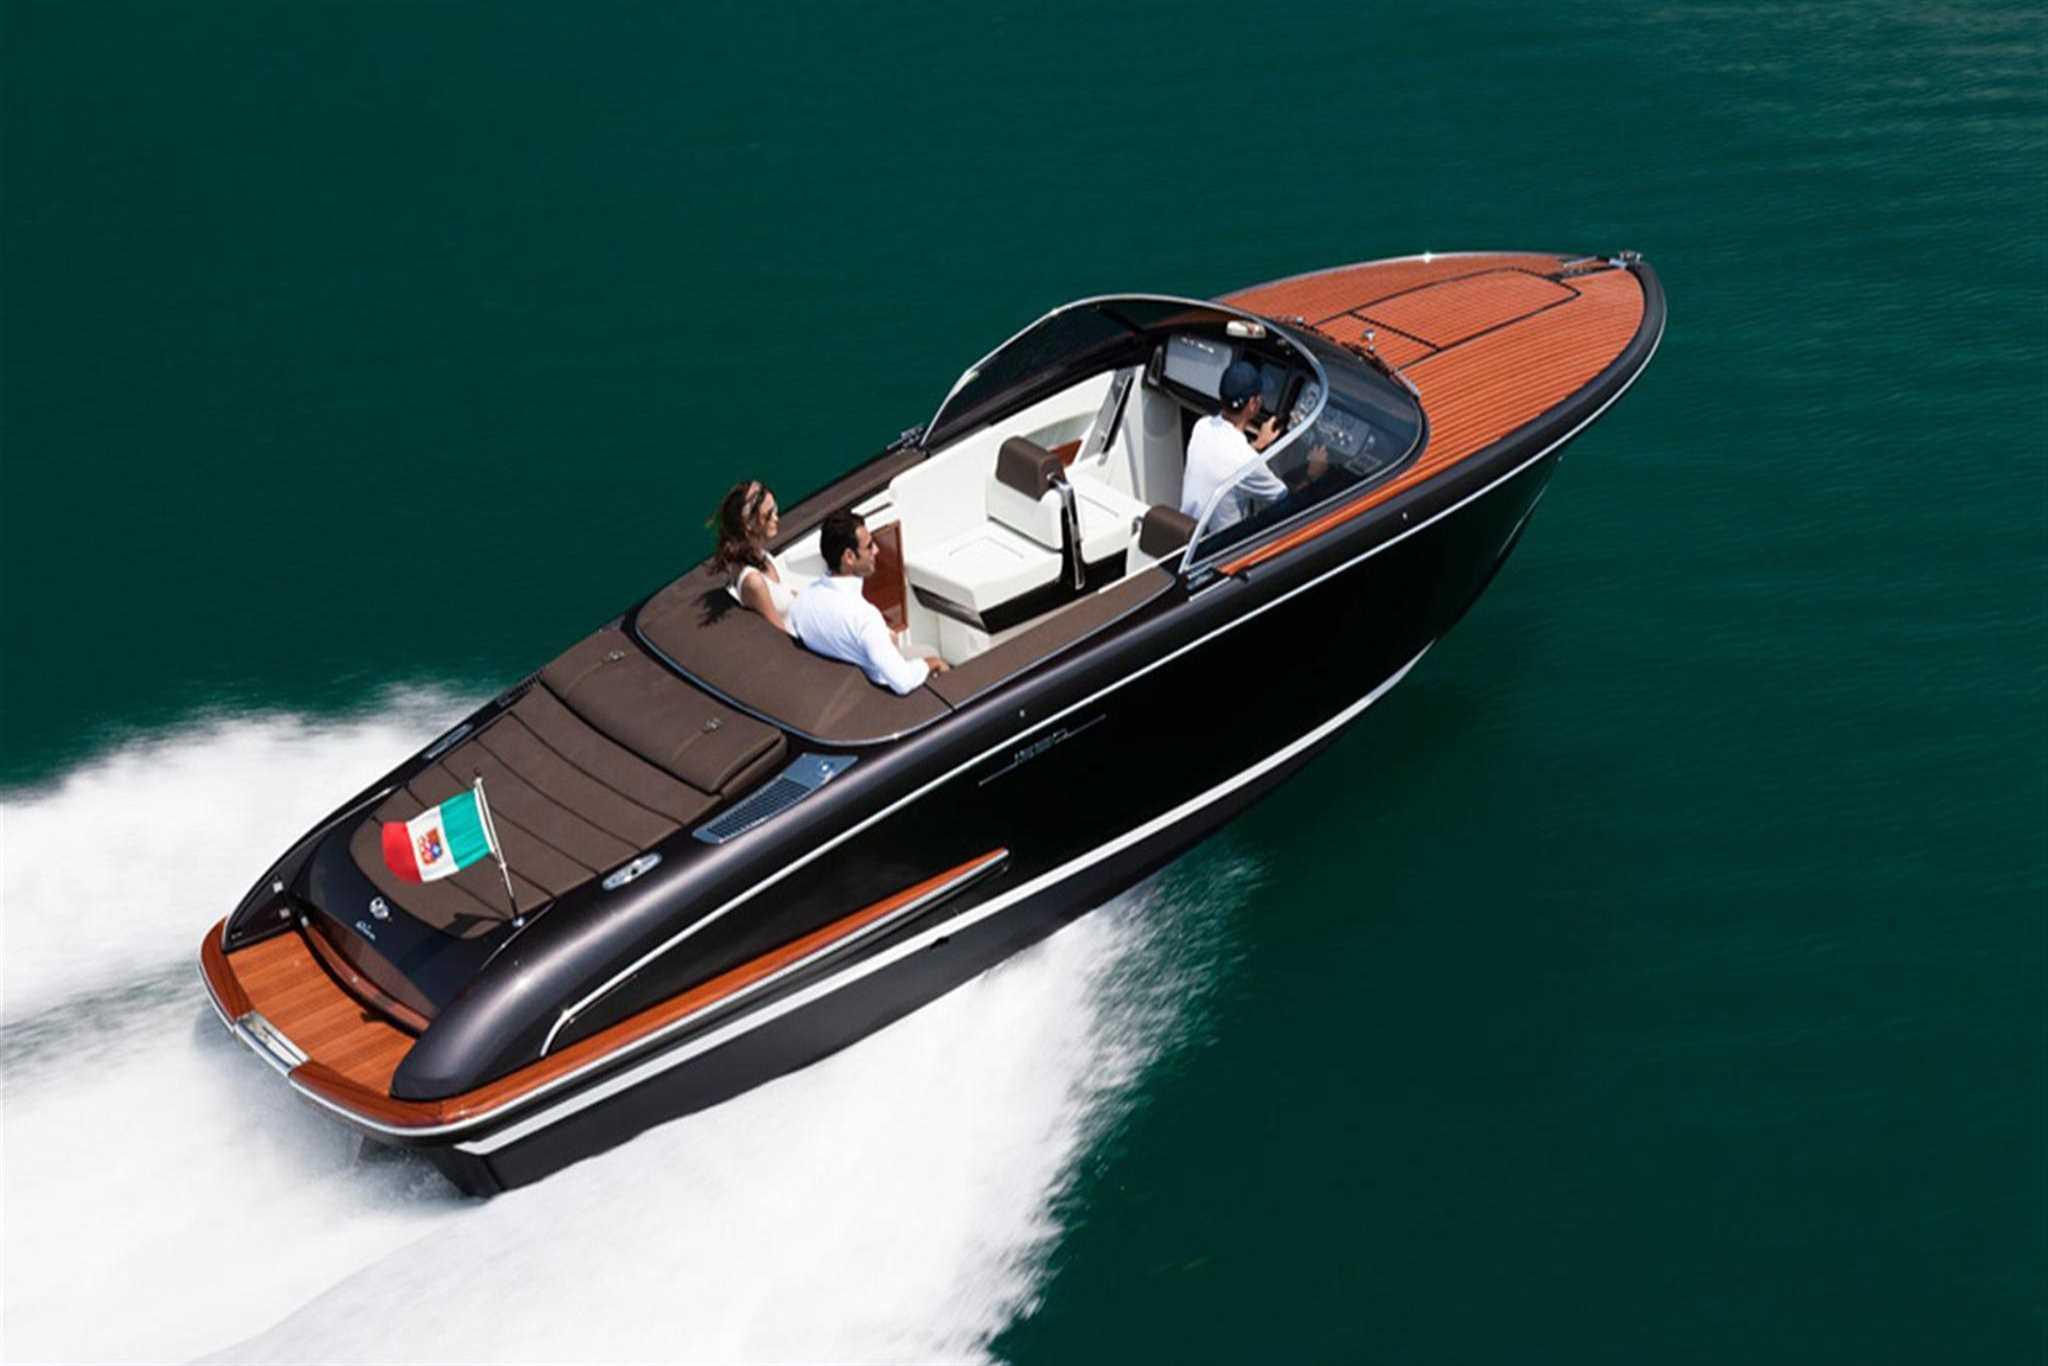 Riva Iseo Ita Yachts Canada Ita Yachts Canada